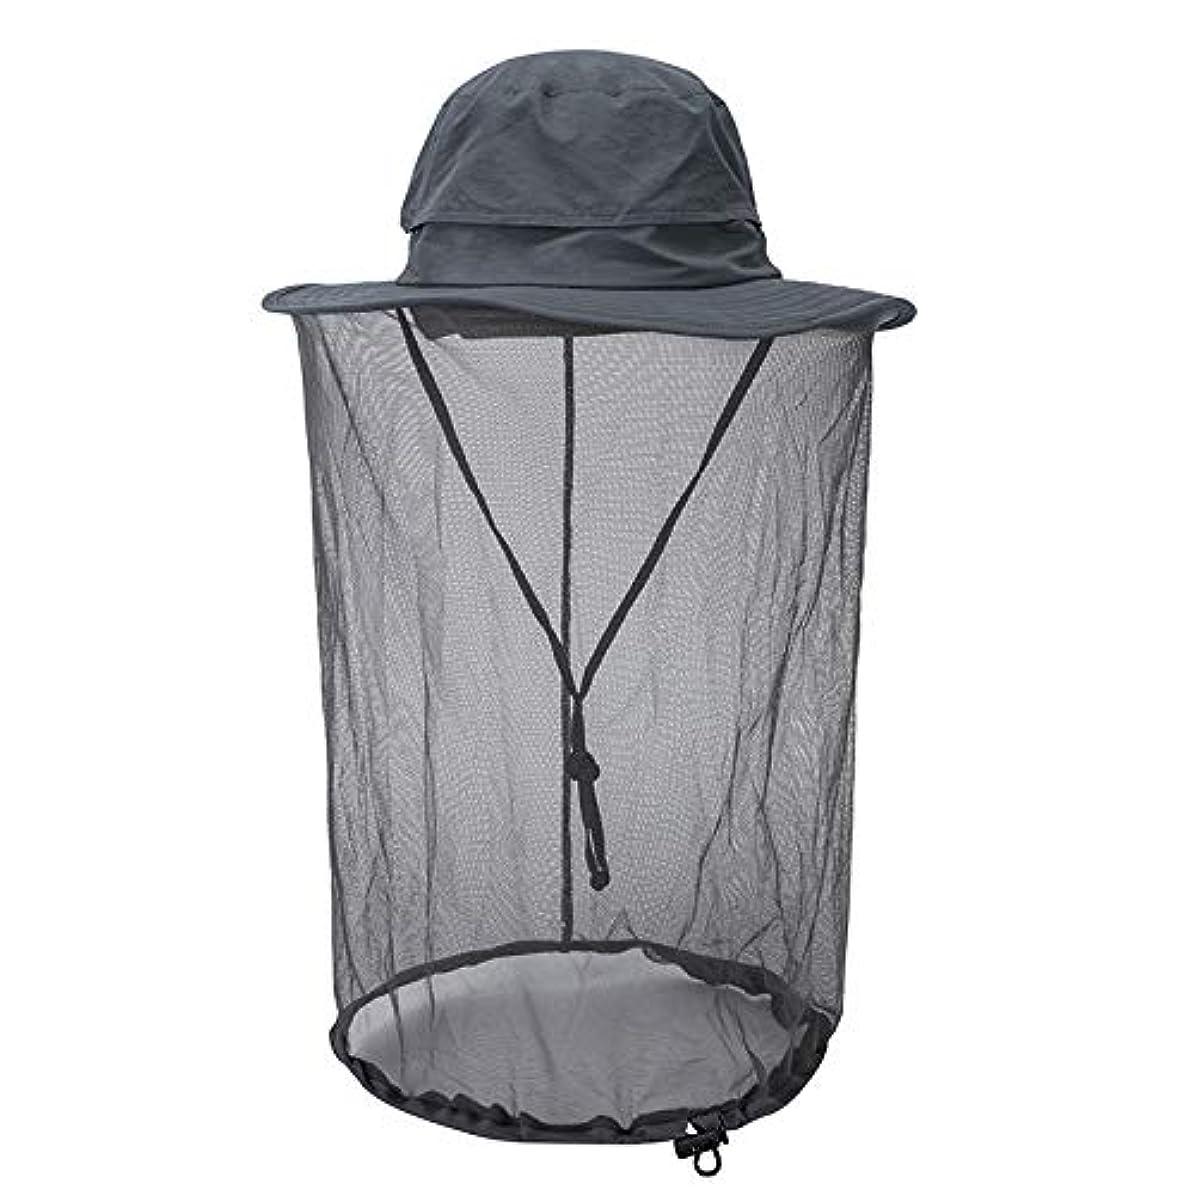 レーザファイバ受け入れるFaletony(JP) 360度 虫除け 日よけ ネット付き帽子 ガーデニングハット 紫外線対策 園芸 農作業 登山 釣り ハイキング アウトドア 防虫帽子 虫除けネット付き帽子 蚊よけ ハット 通気